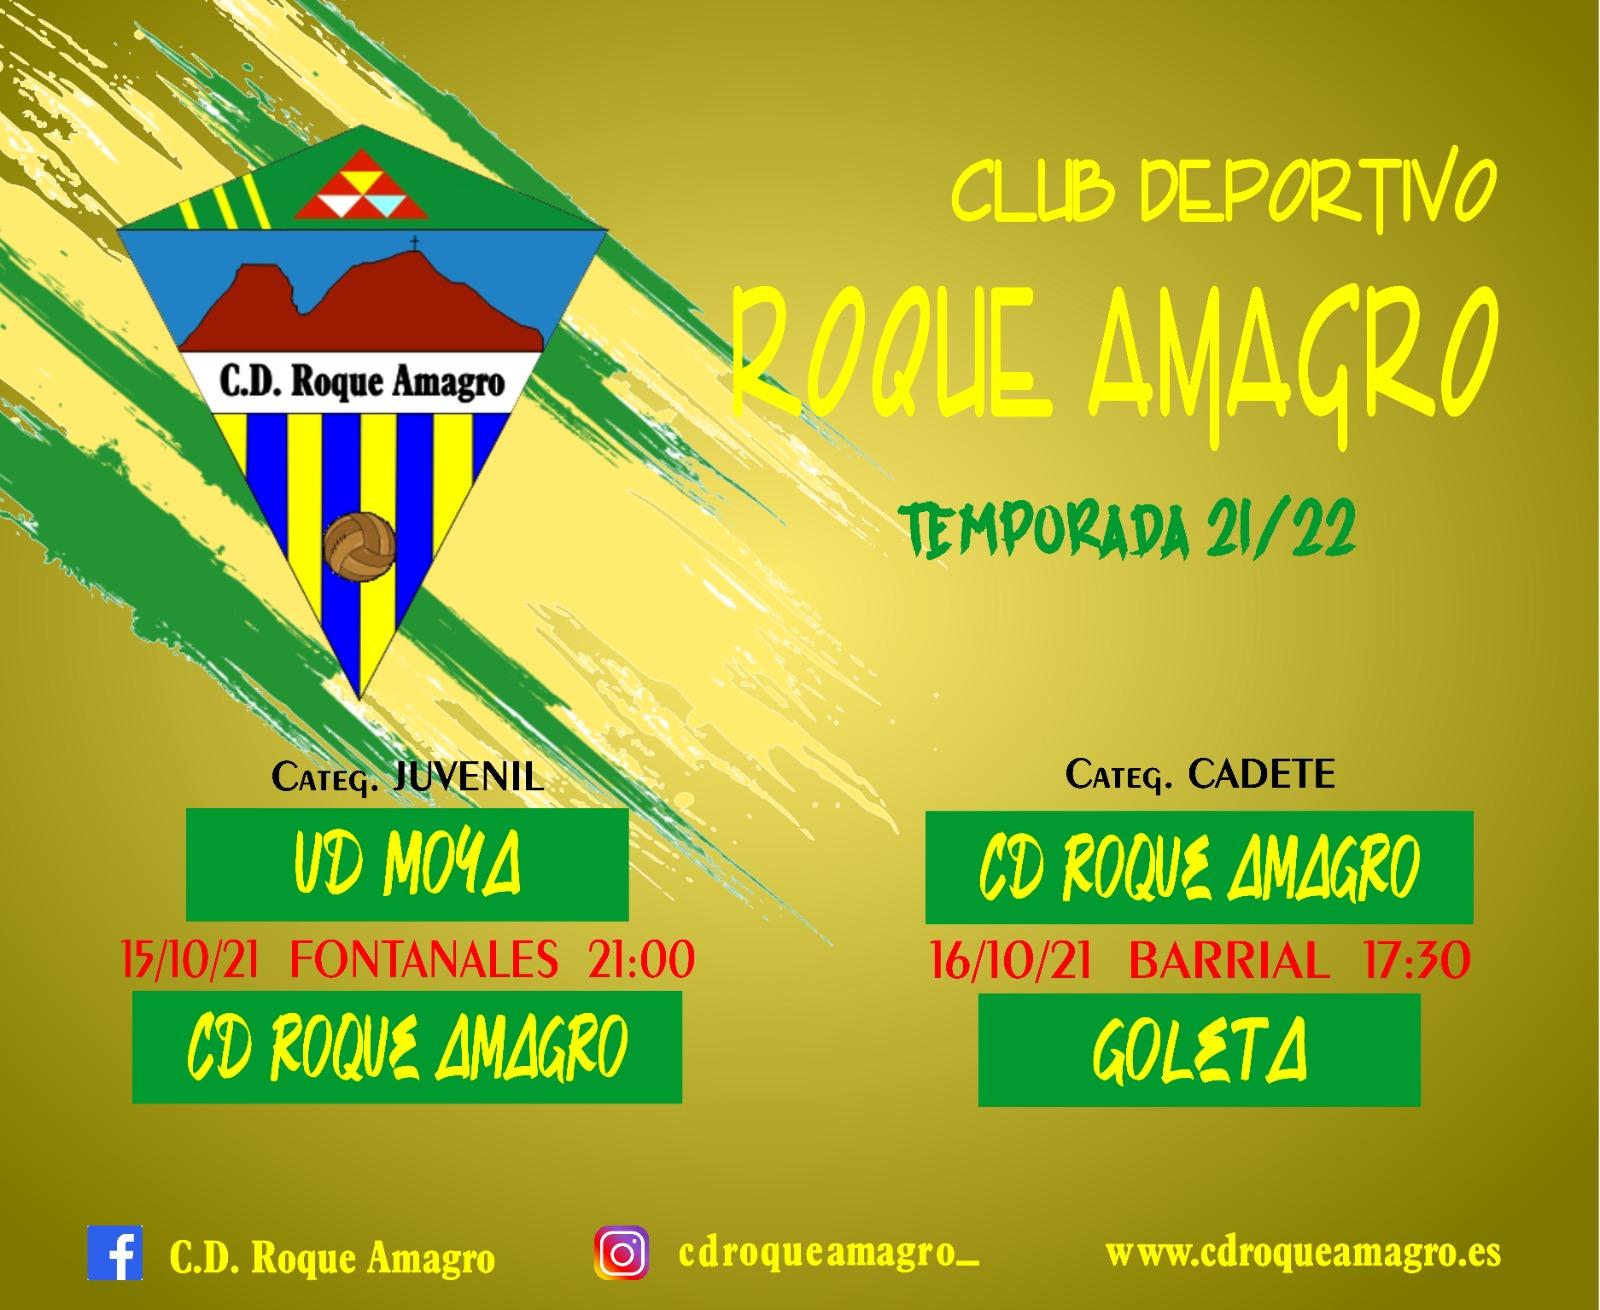 C. D. Roque Amagro - Jornada del 14 - 17 de Octubre de 2021